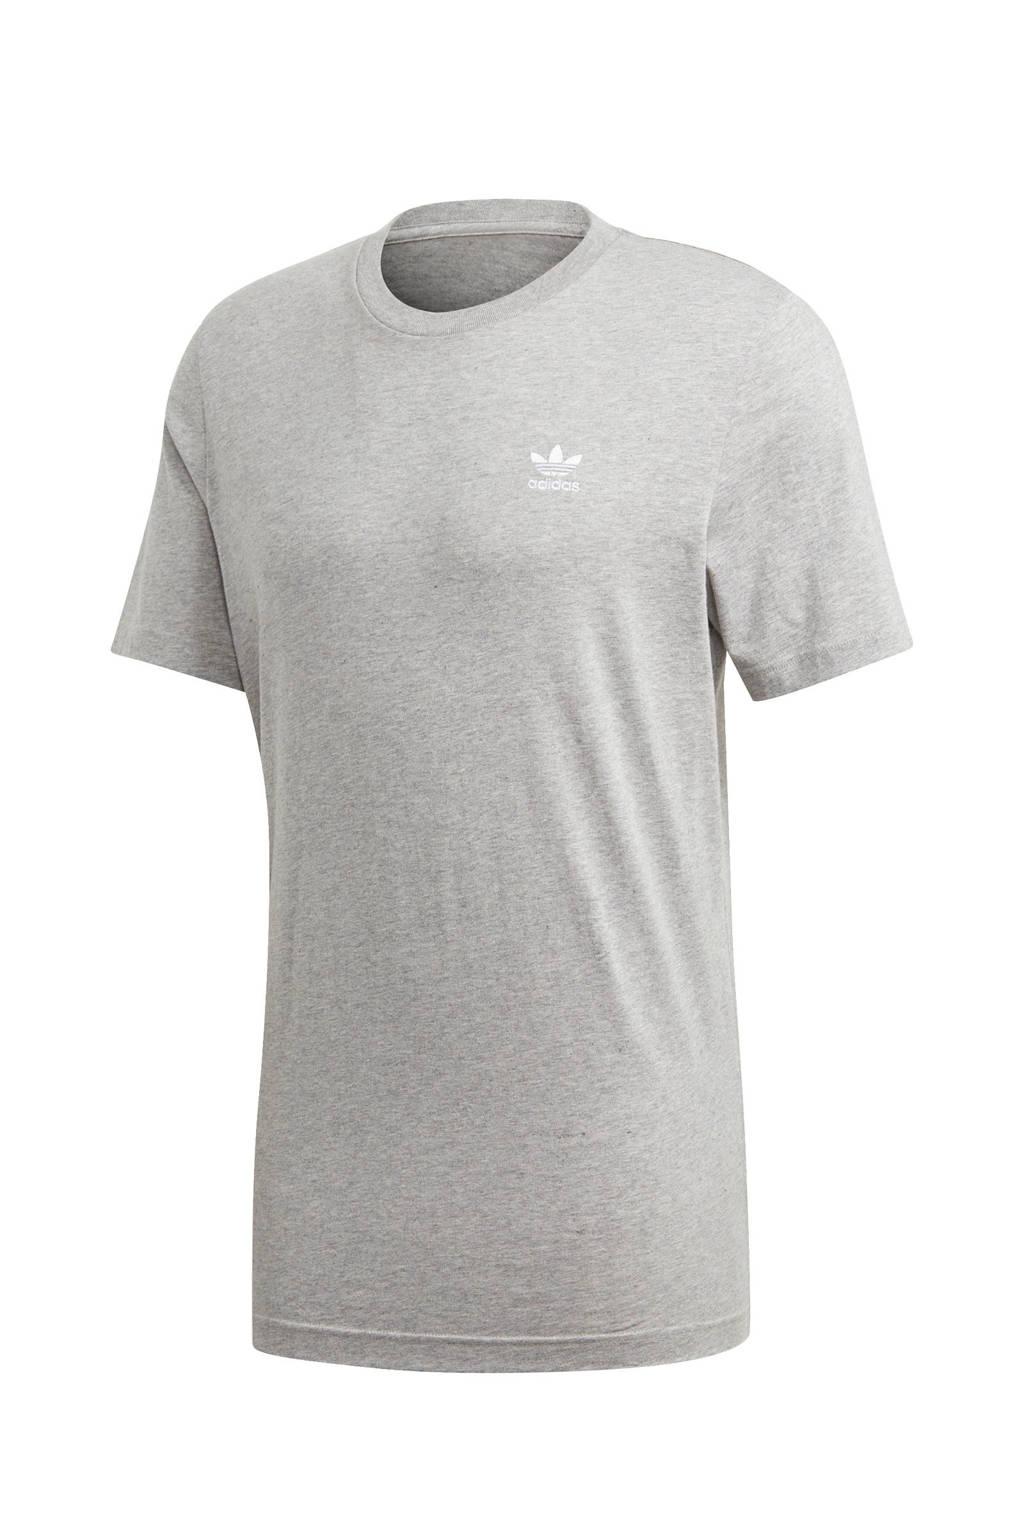 adidas Originals T-shirt grijs, Grijs